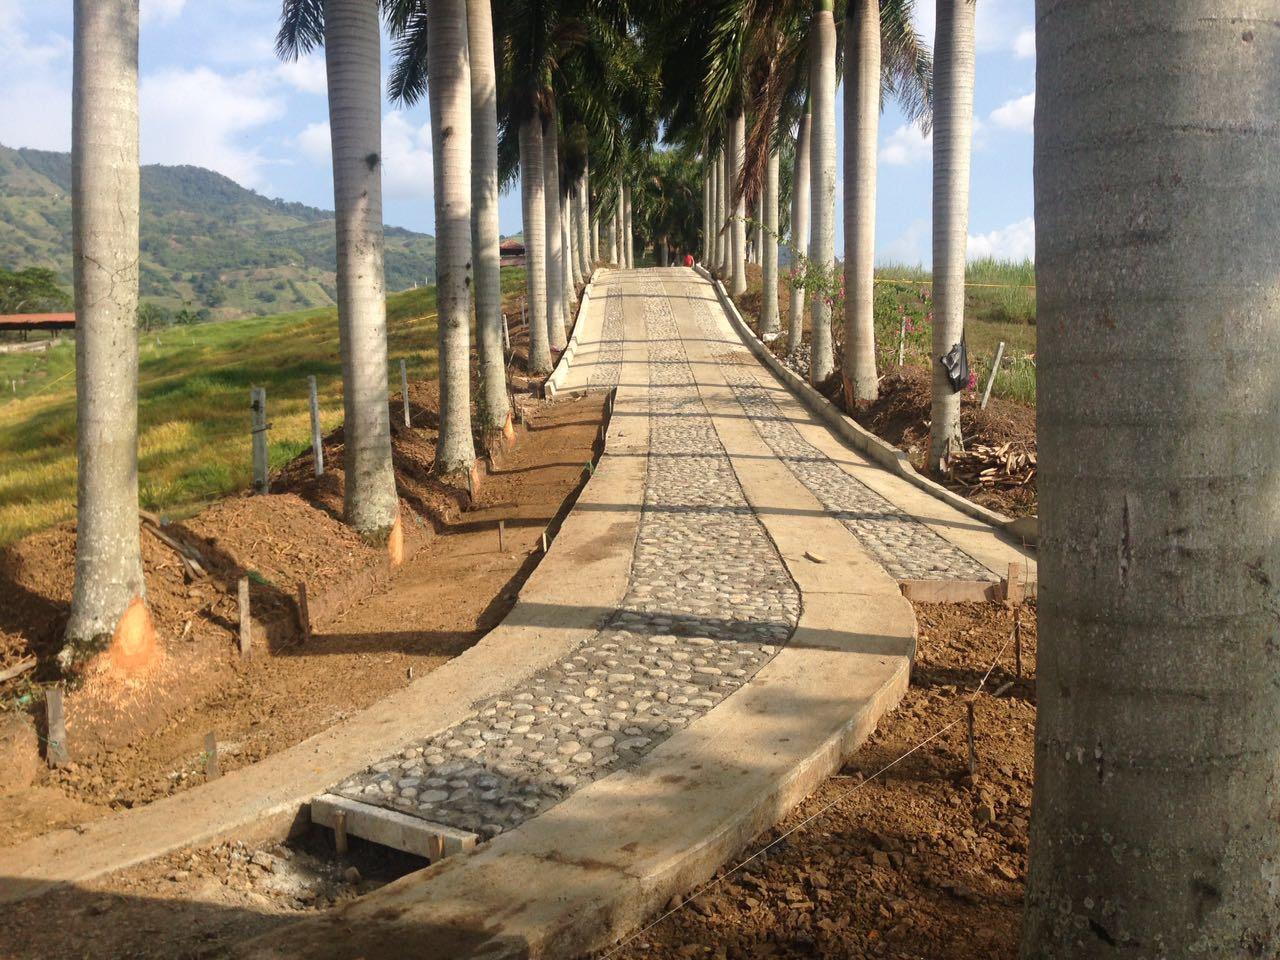 Camino de las palmas